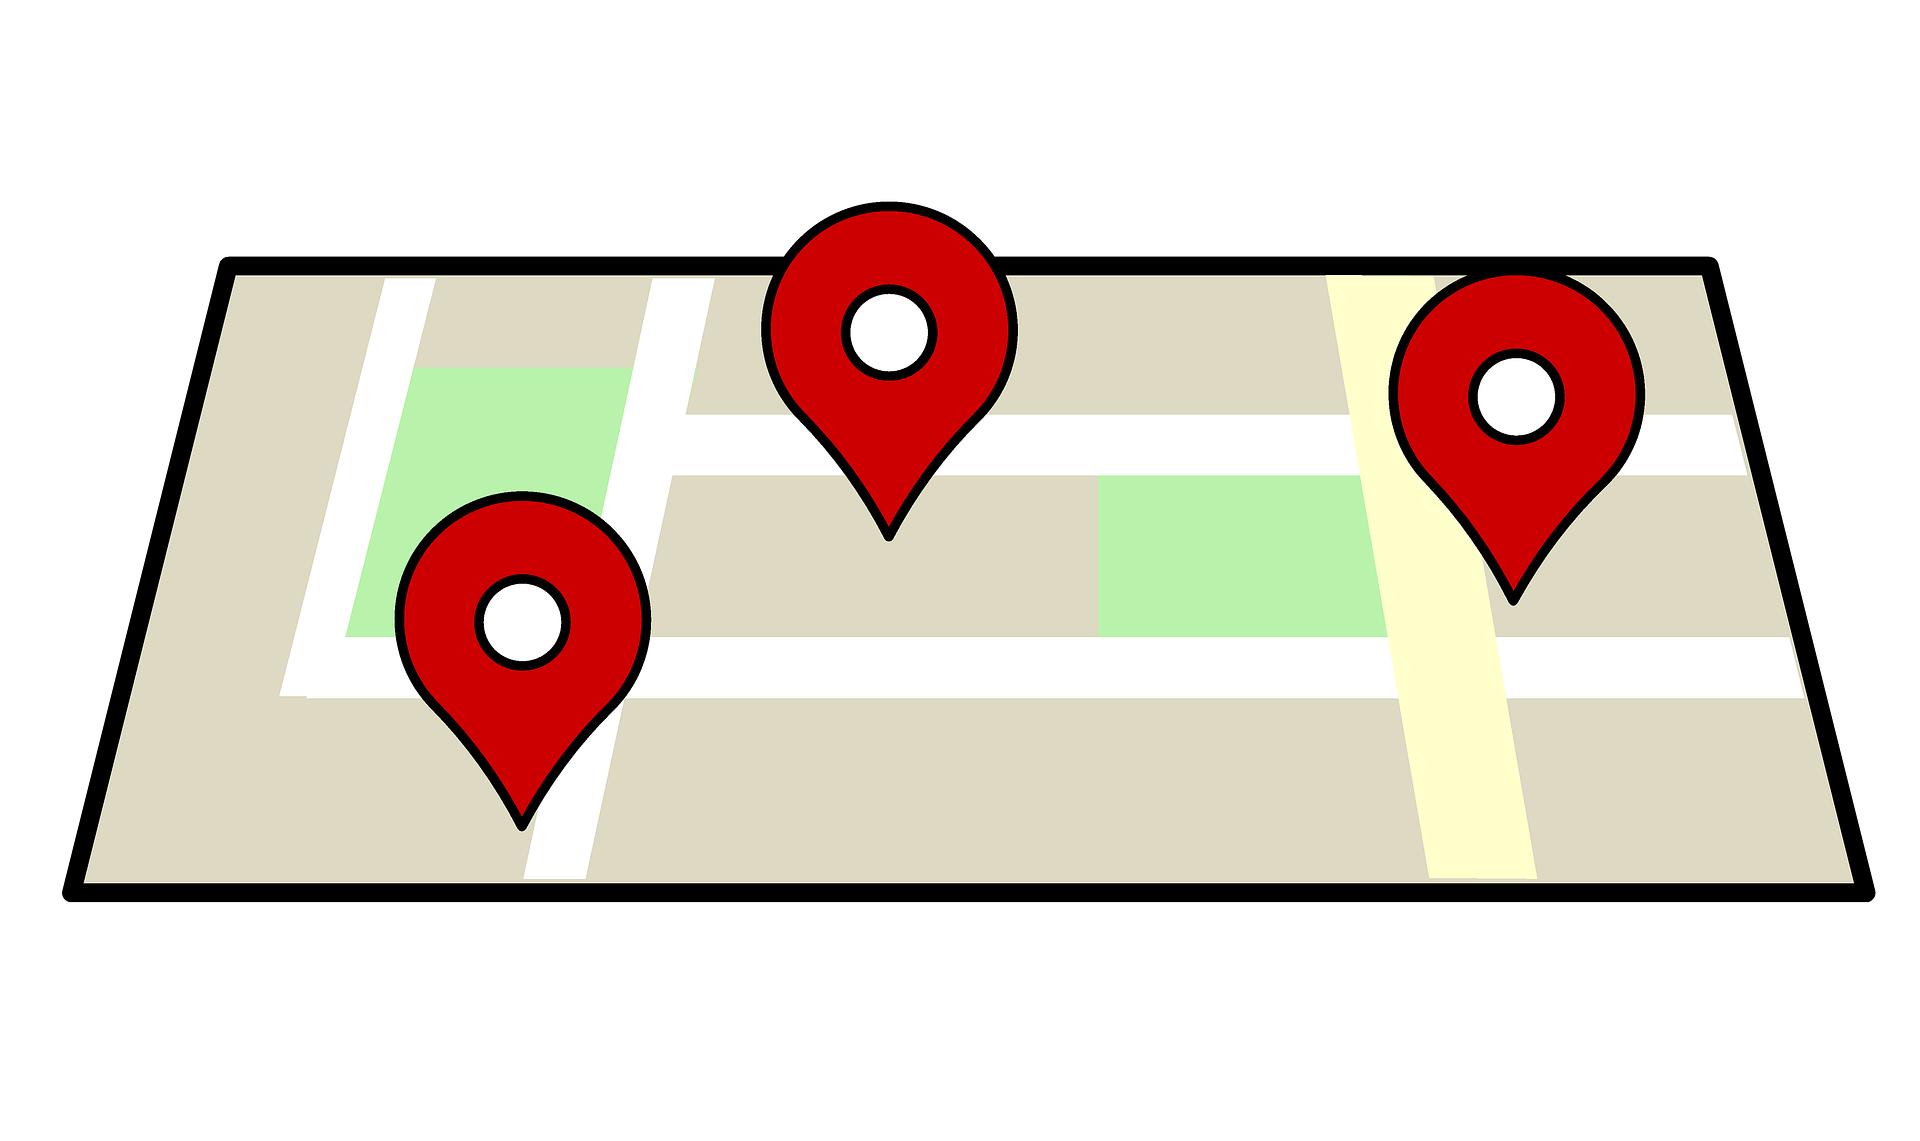 Láttasd magad a térképen